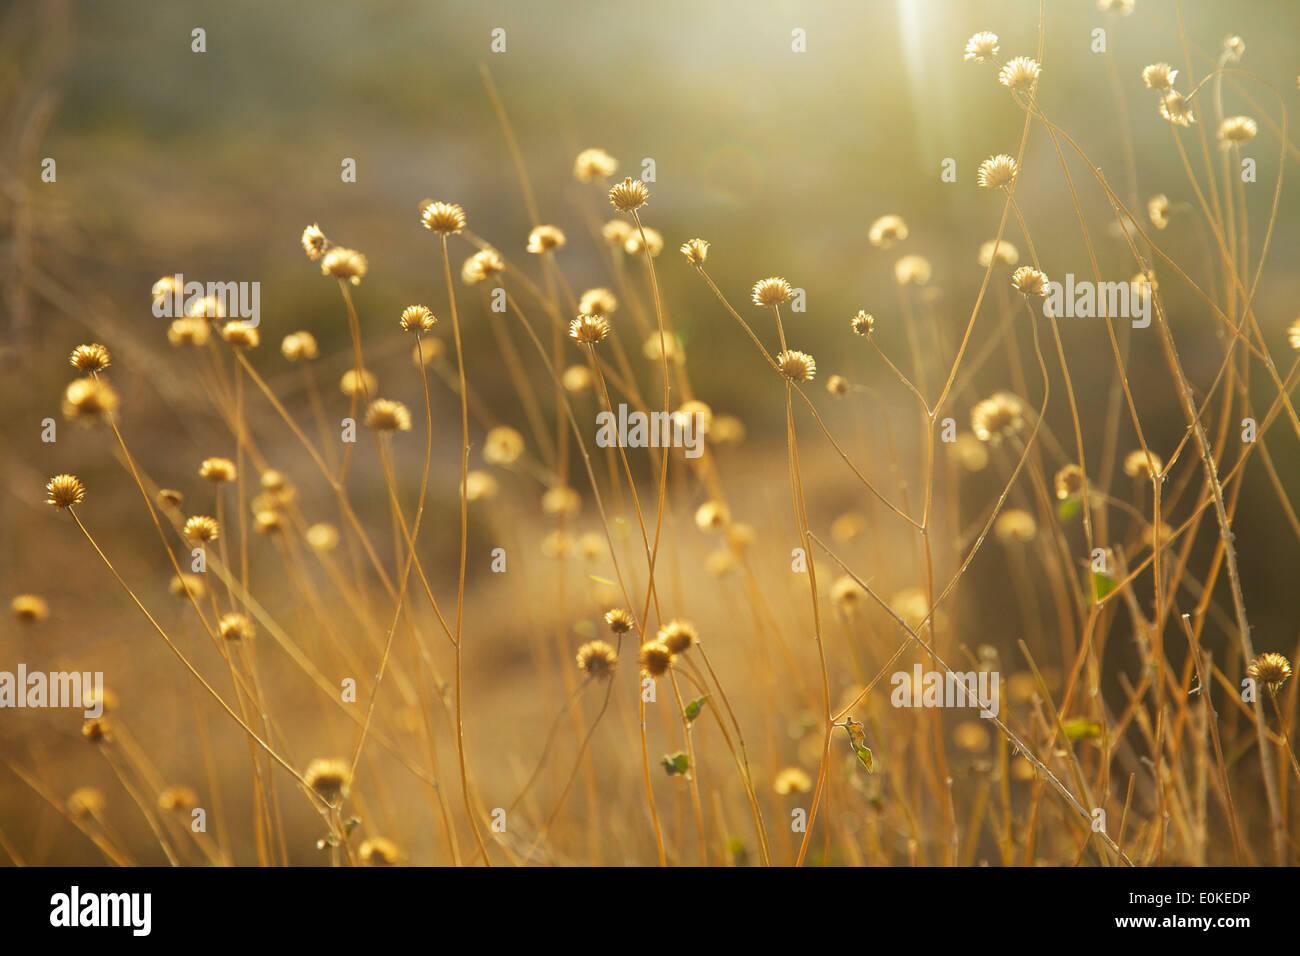 Fiori secchi sono retro illuminata con luce dorata a Joshua Tree National Park in California del Sud. Immagini Stock